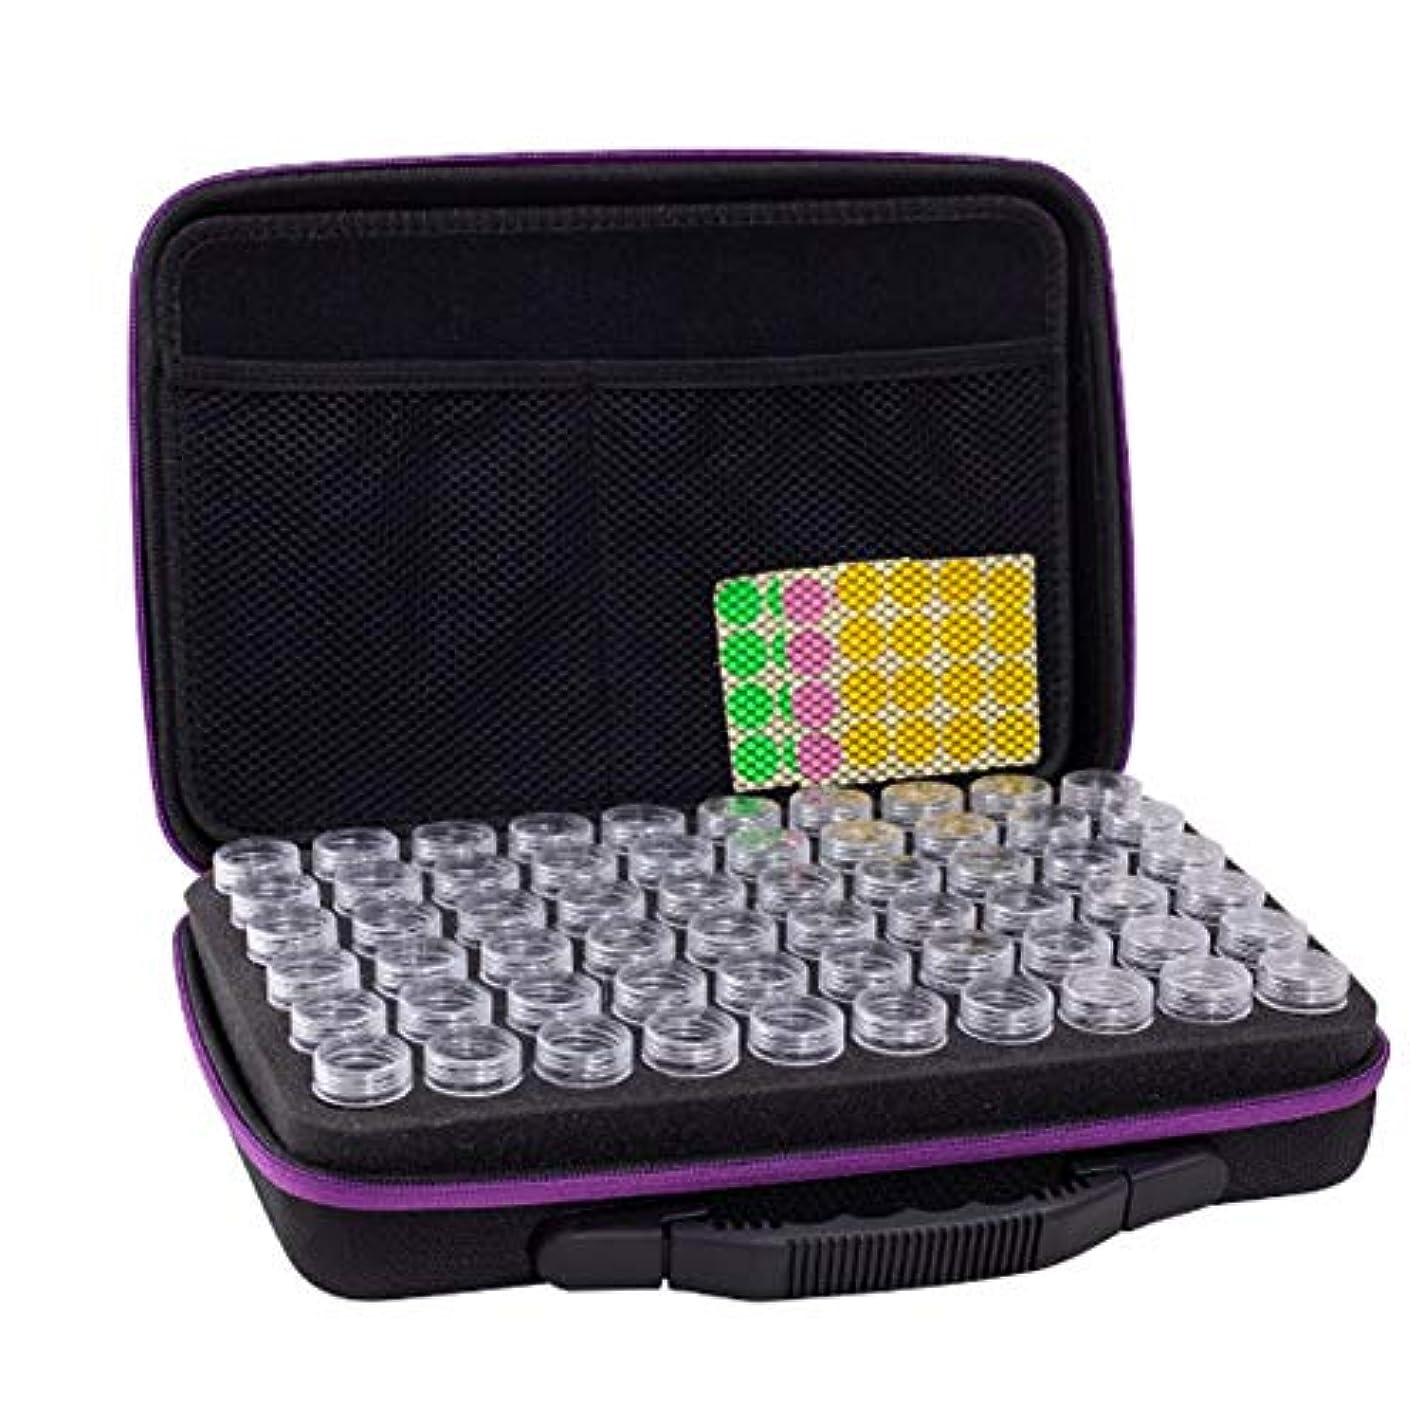 スカルク日焼け非常にアロマポーチ エッセンシャルオイル ケース 携帯用 アロマケース メイクポーチ 精油ケース 大容量 アロマセラピストポーチ 120本用 サイズ:32 22.5 8.5 CM